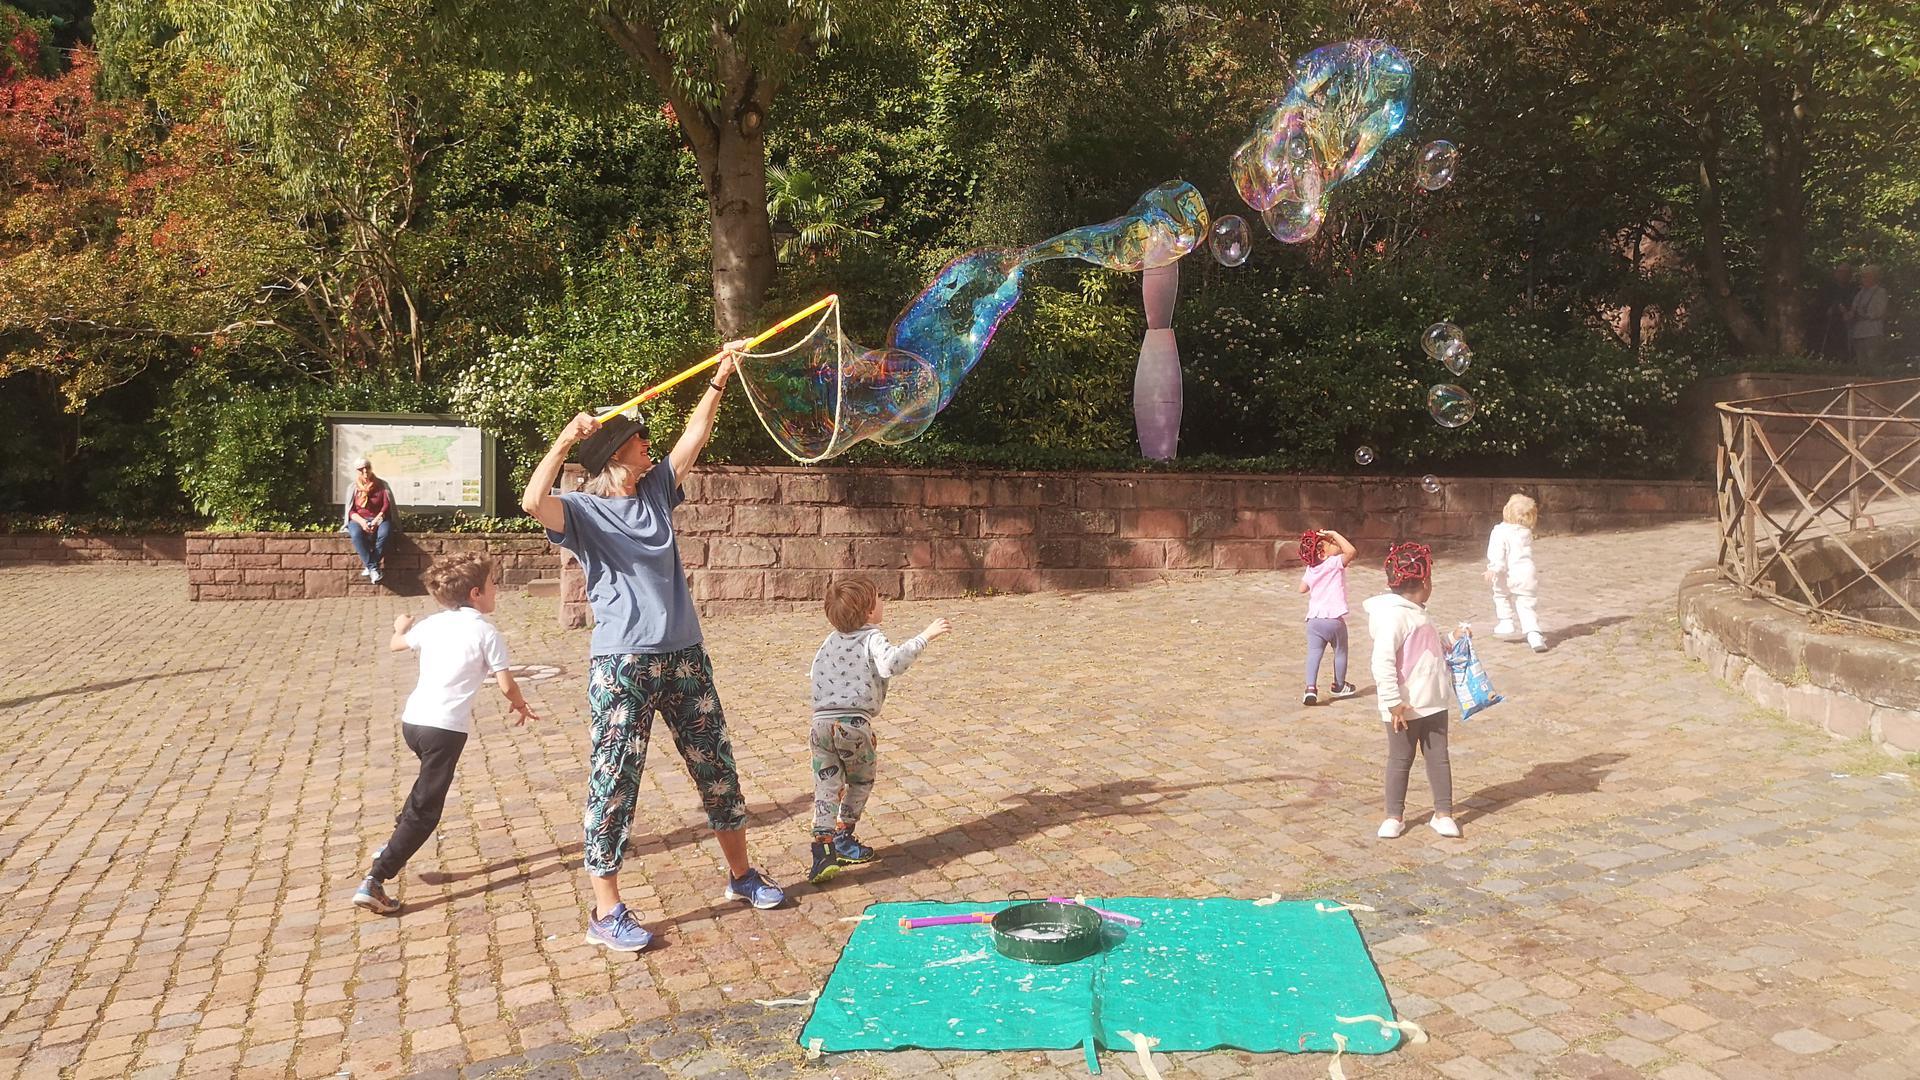 Kinder und Riesenseifenblasen